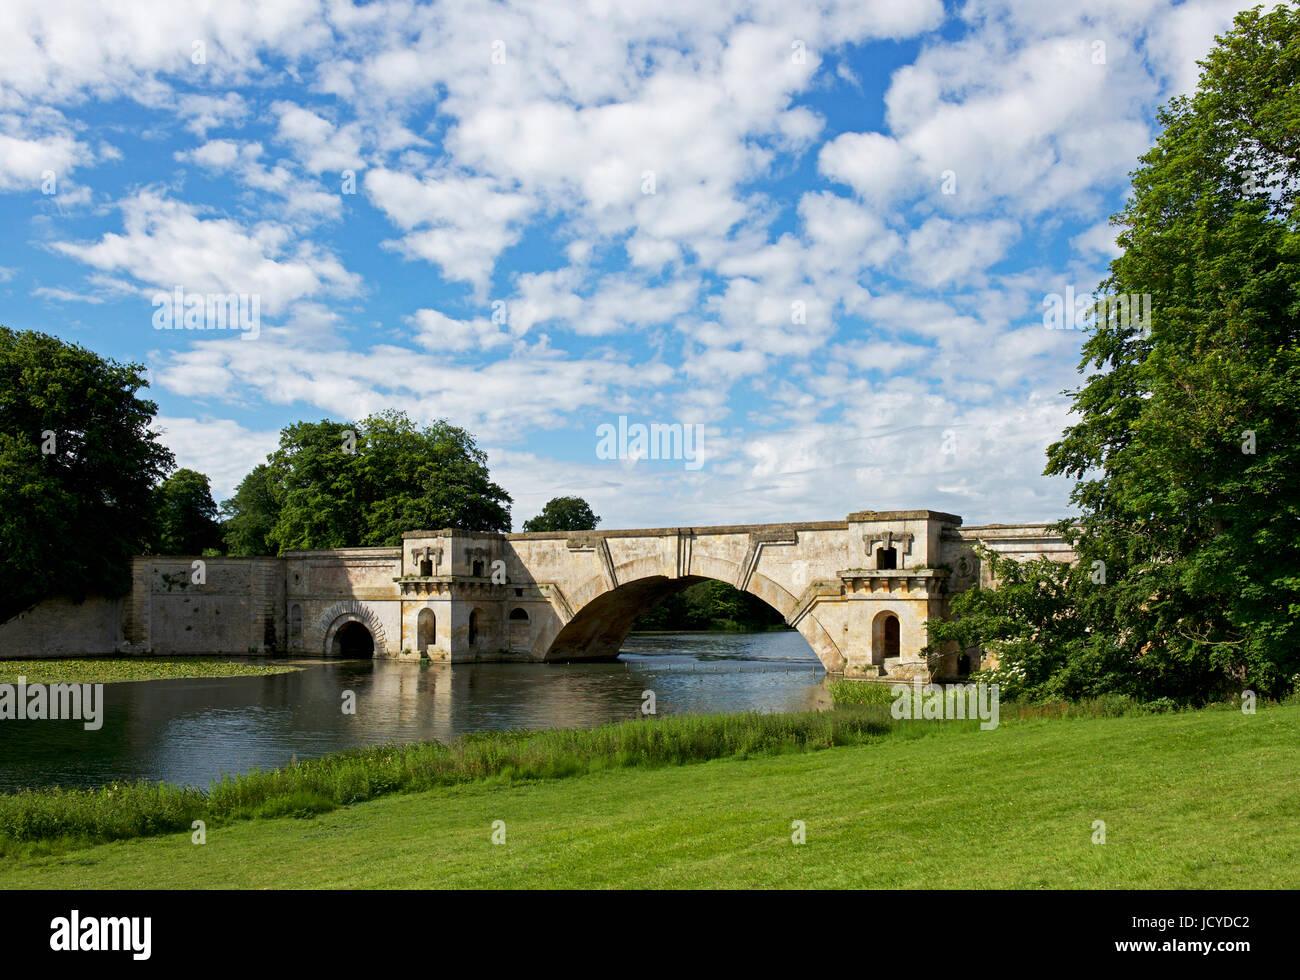 Parkland at Blenheim Palace, Woodstock, Oxfordshire, England UK - Stock Image